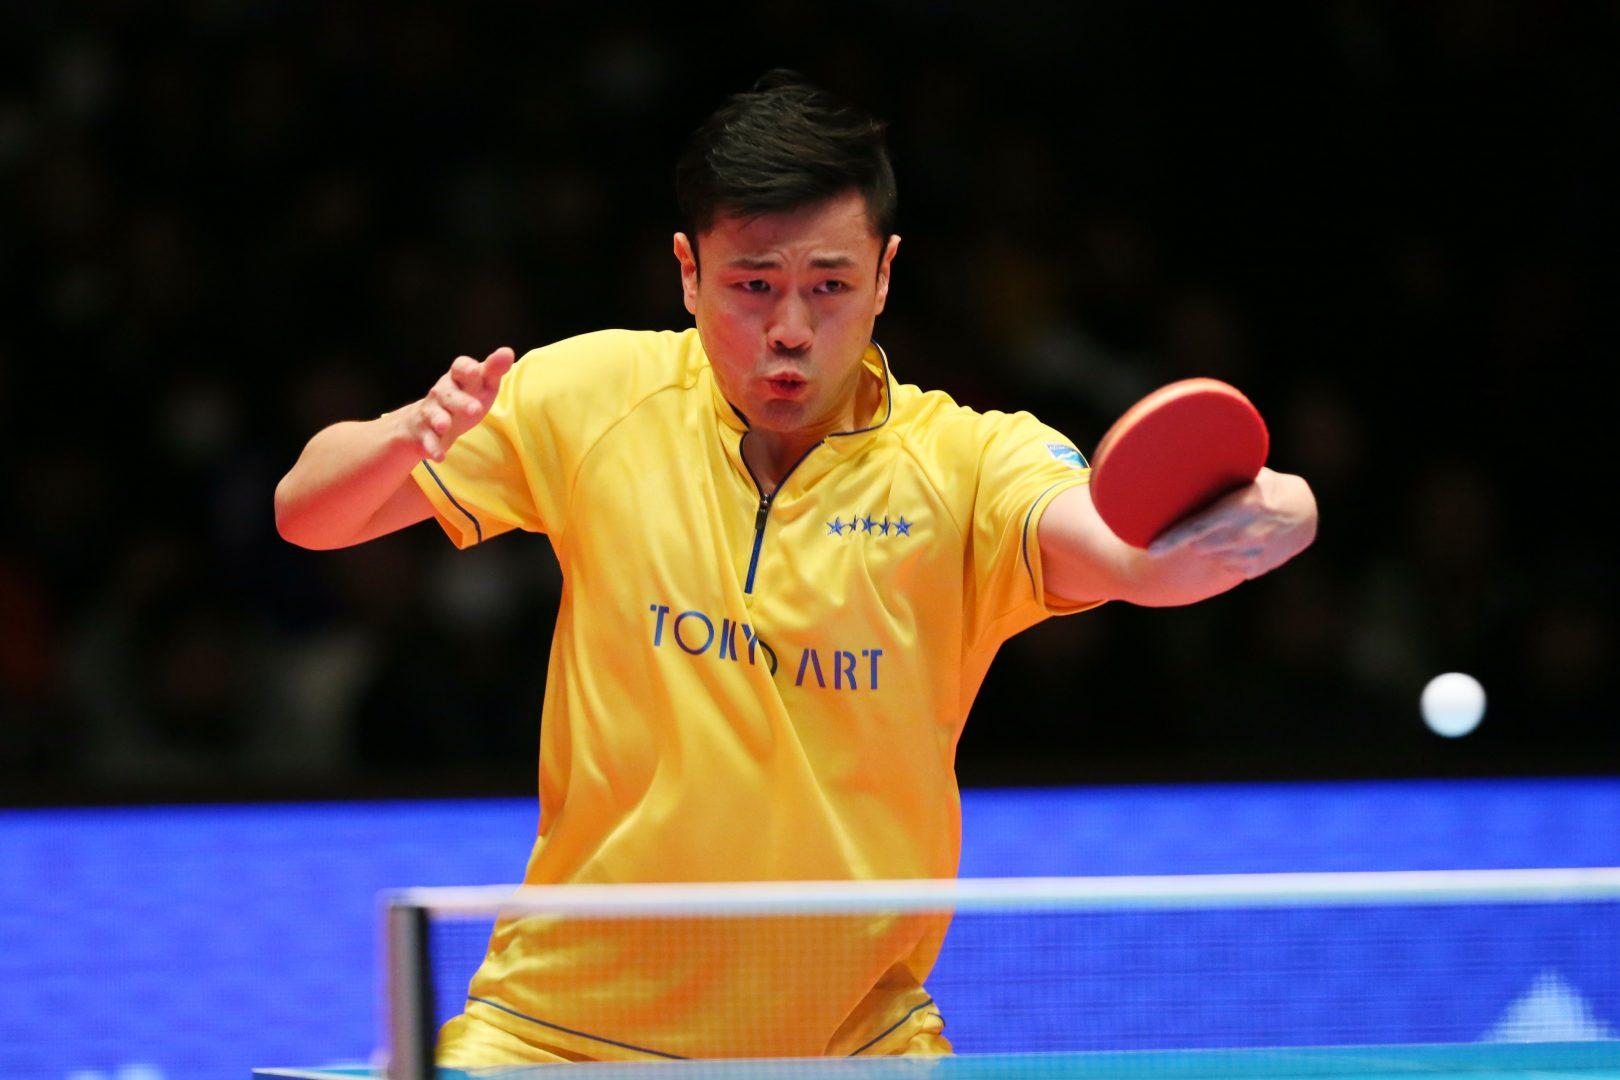 元卓球日本代表、張一博が所属実業団の東京アートを退社